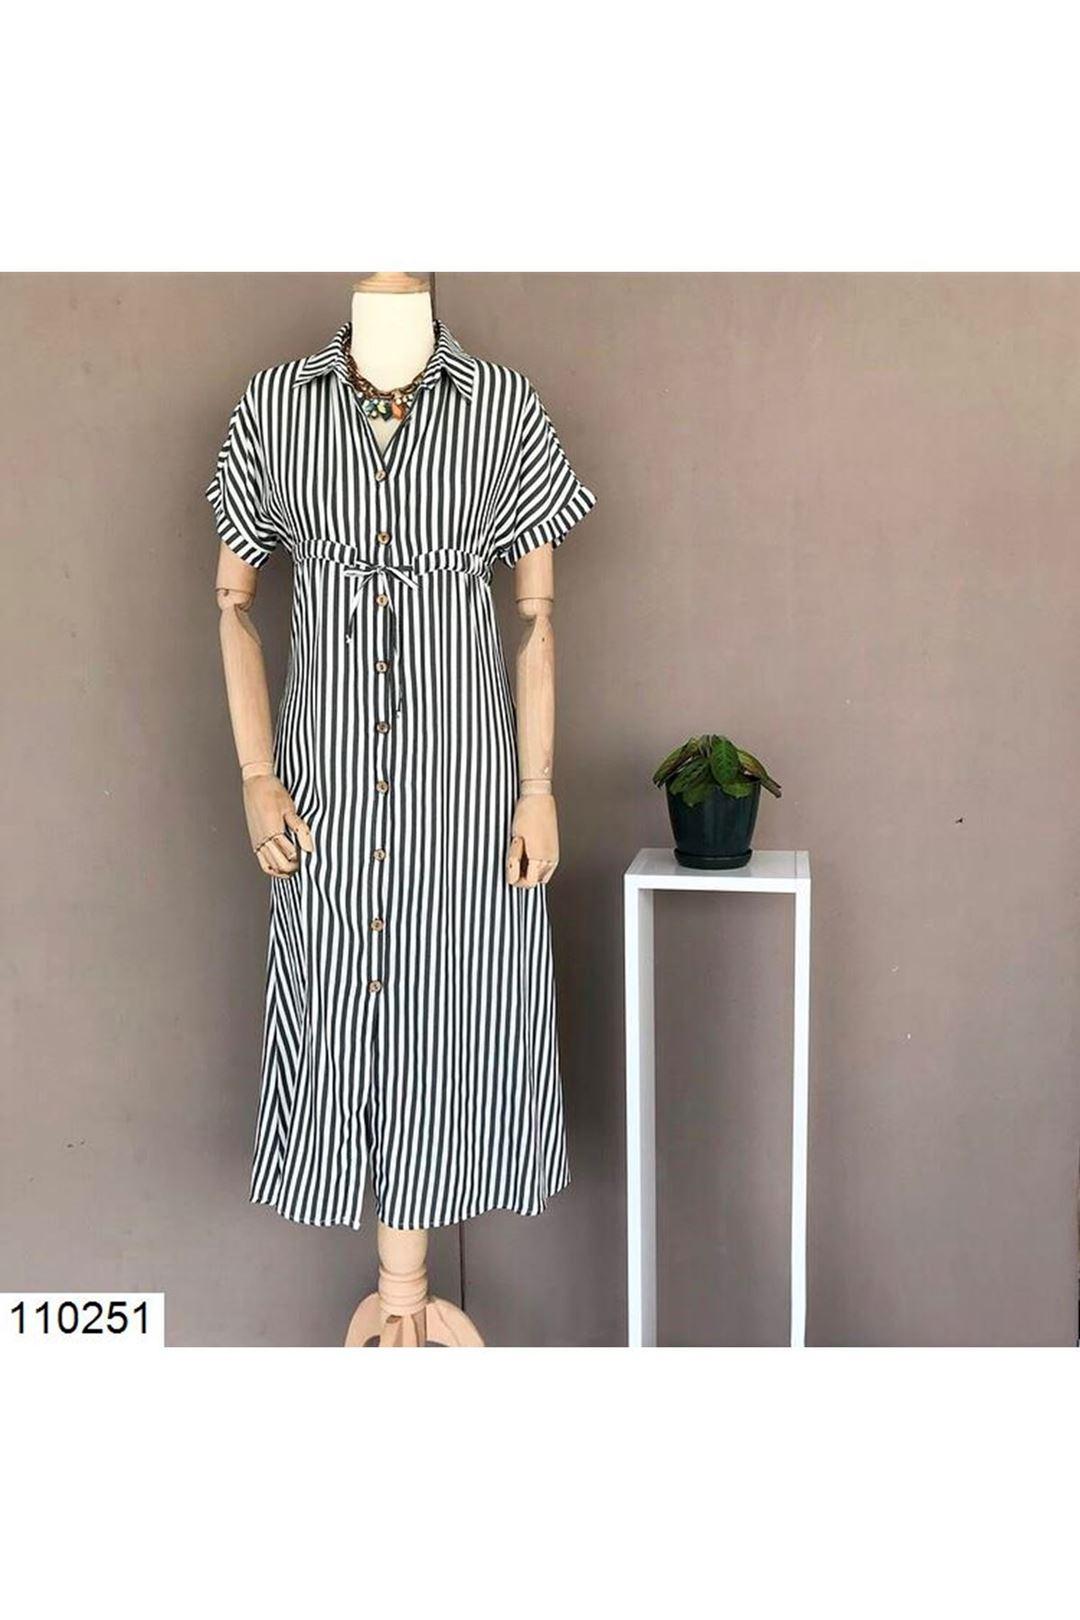 Bel Bağlamalı Yeşil Çizgili Midi Boy Kadın Elbise 110251